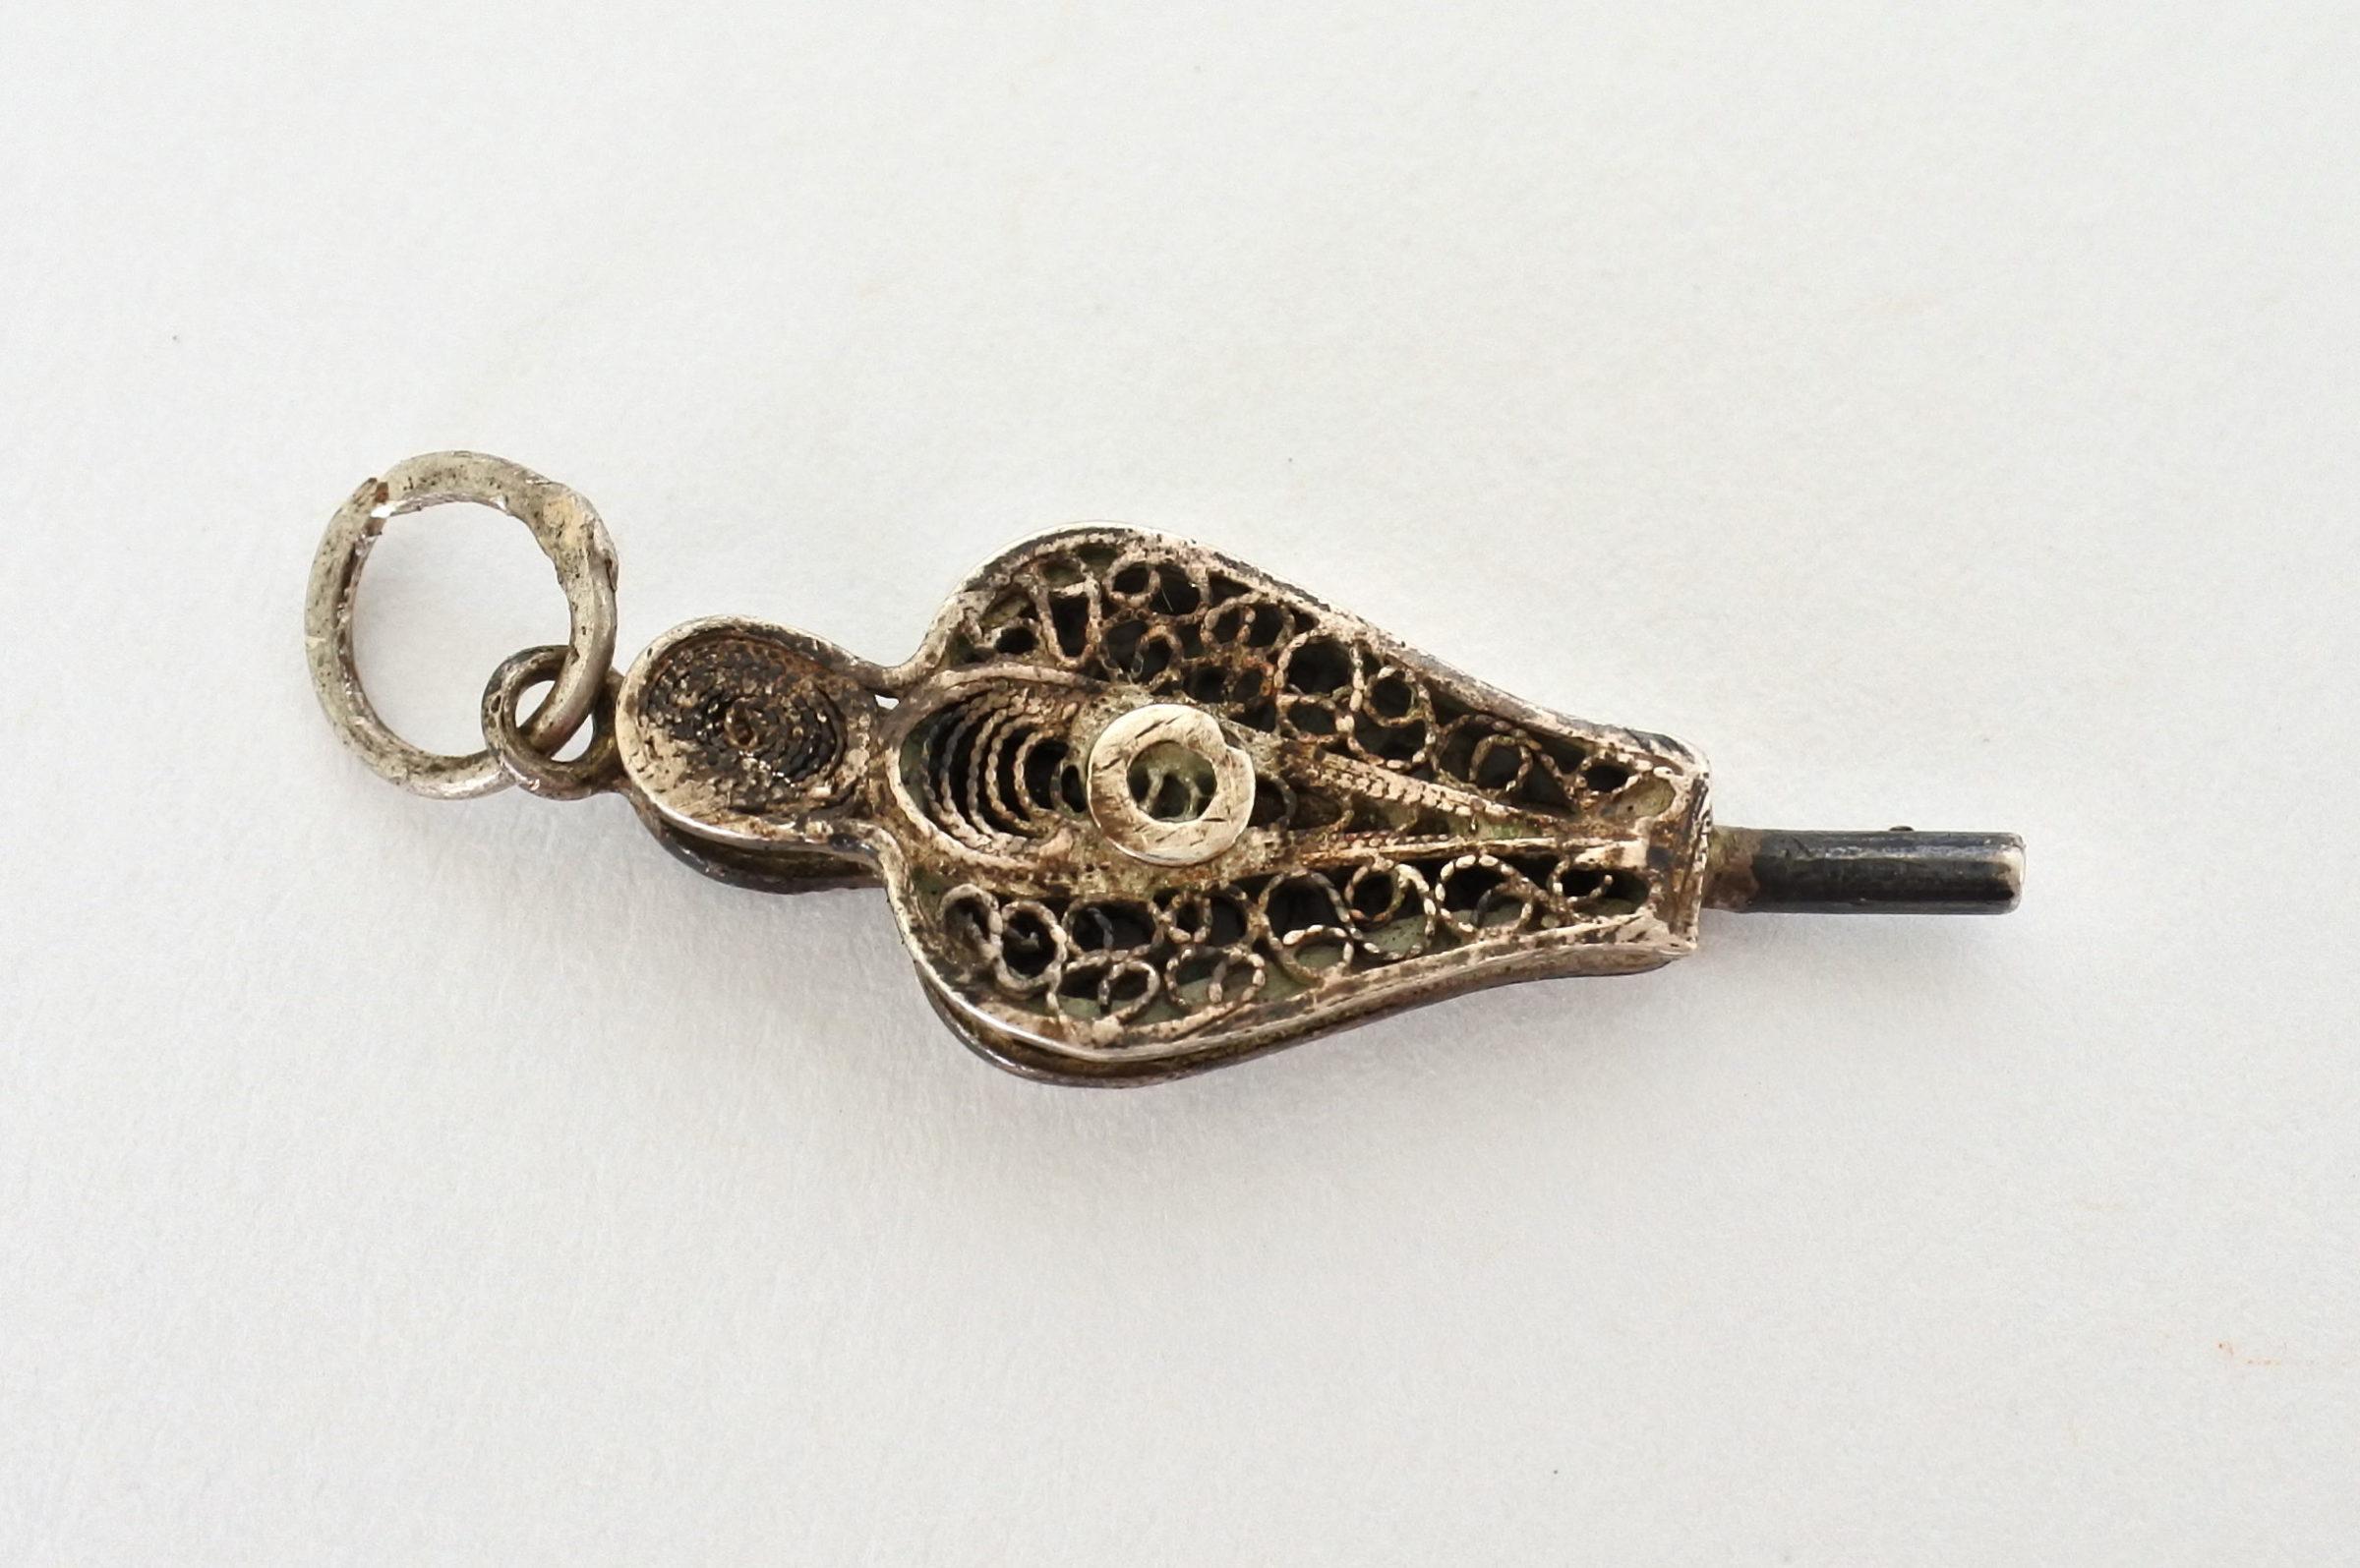 Chiavetta in filigrana d'argento per orologio da tasca